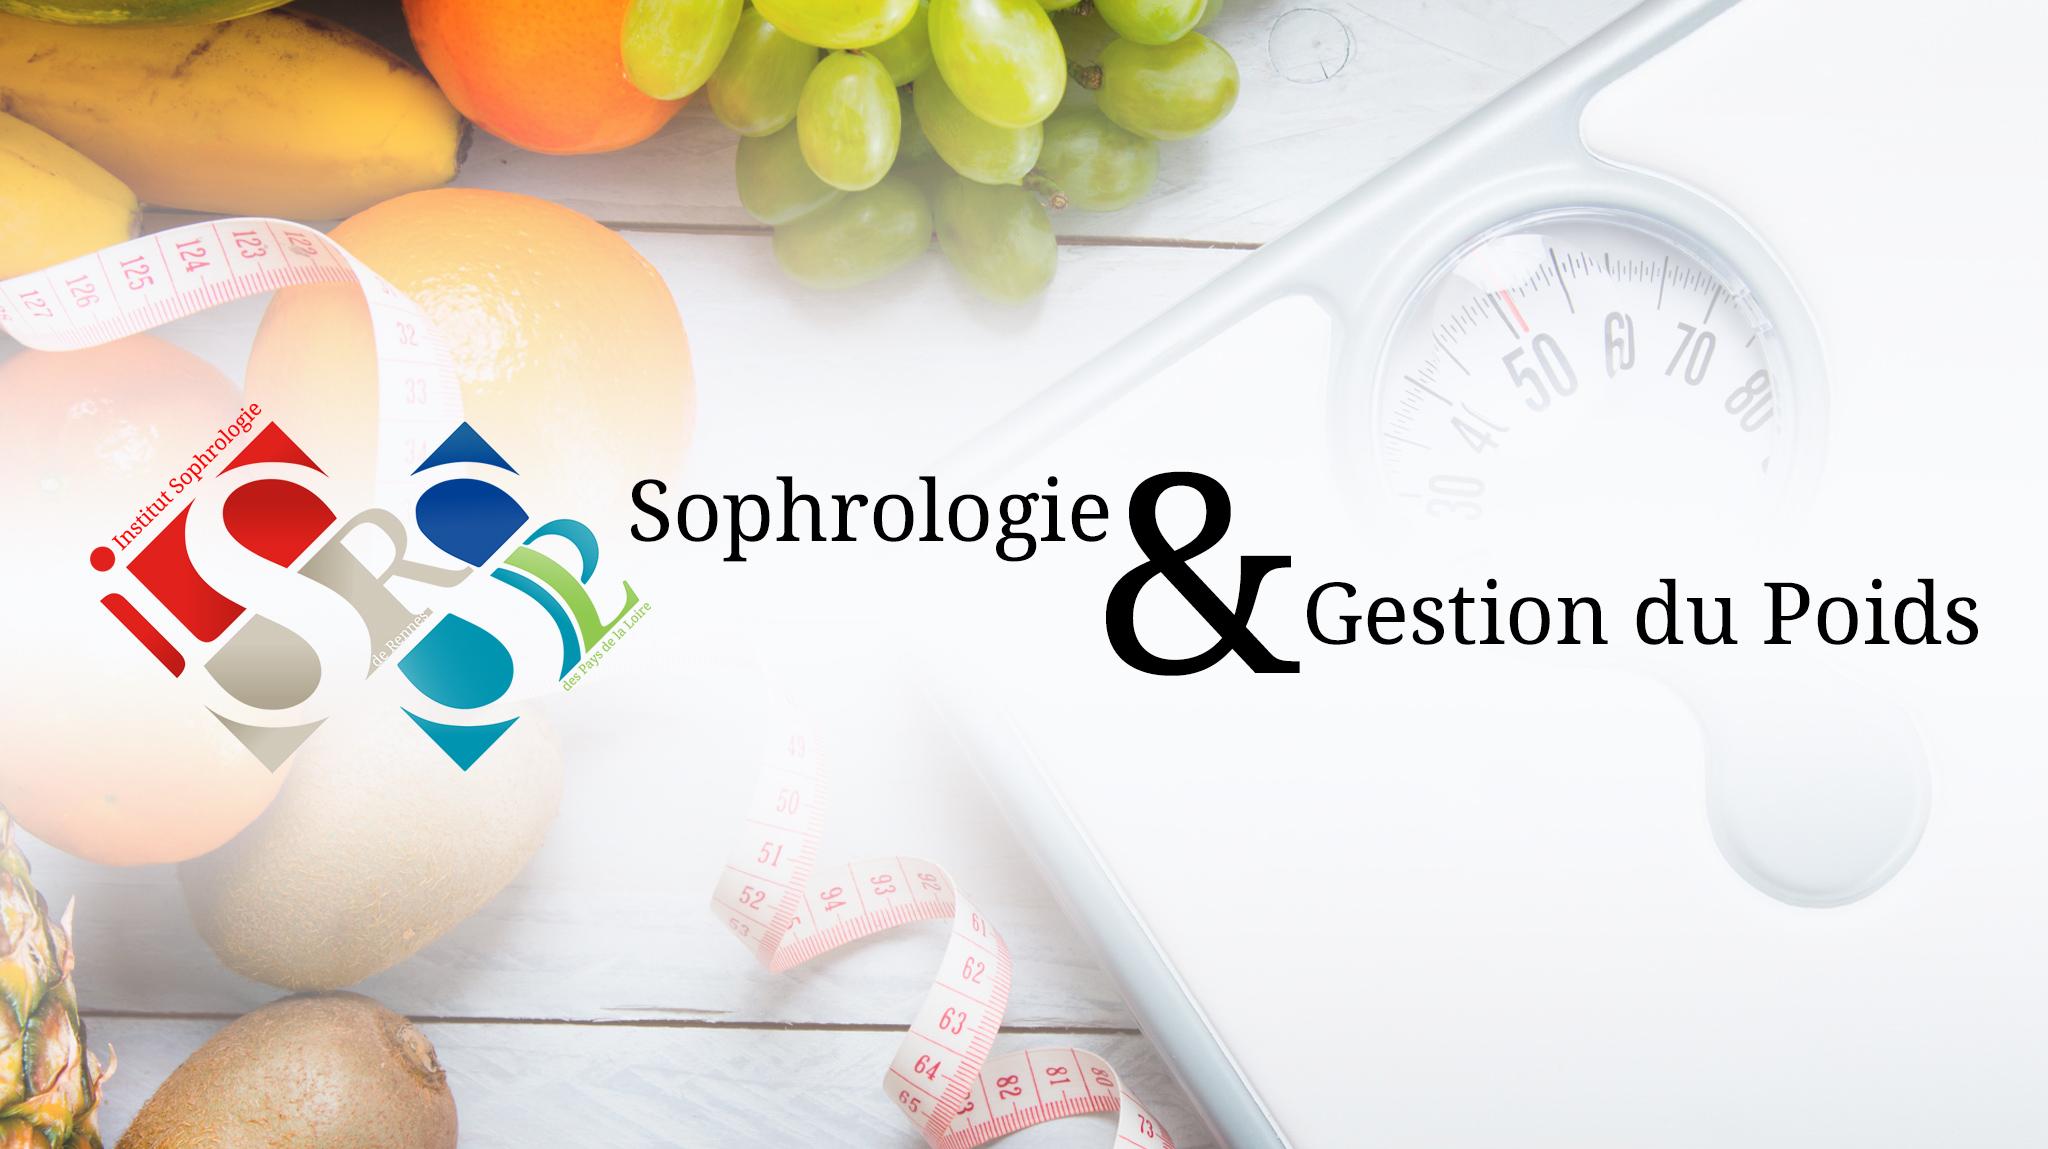 Sophrologie et gestion du poids